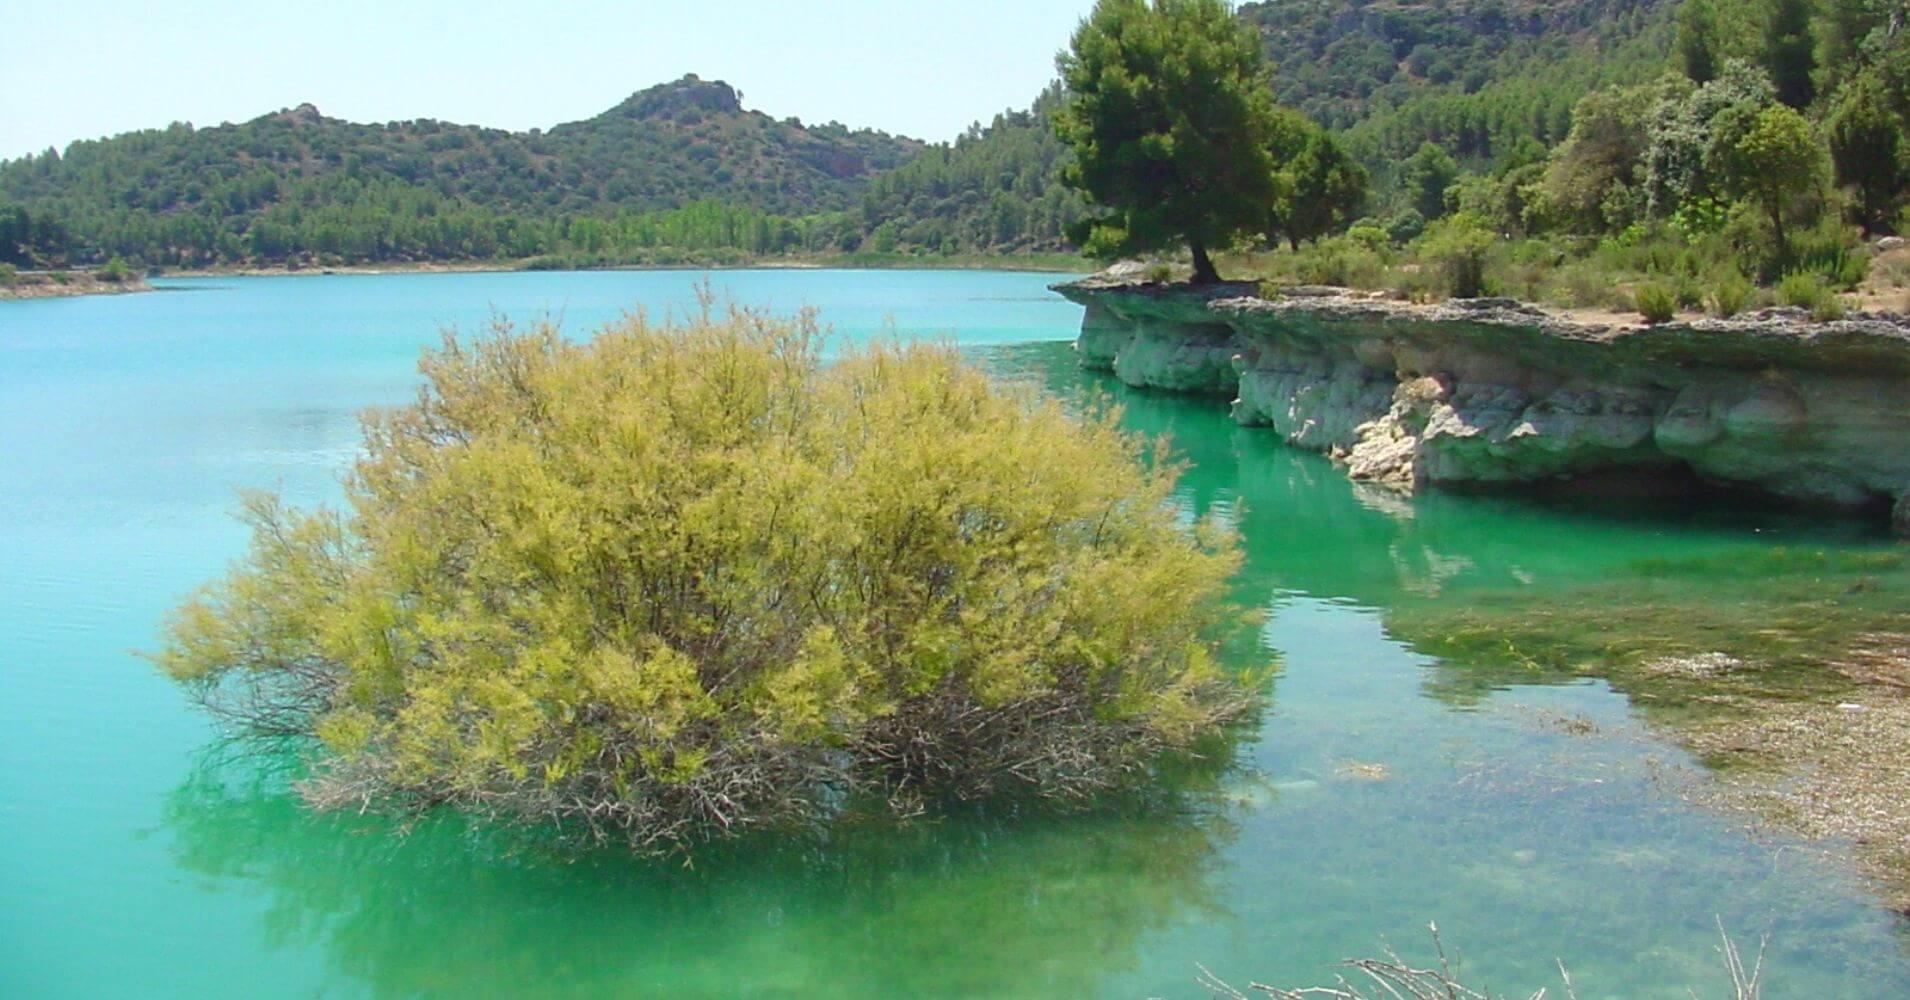 En el Parque Natural Lagunas de Ruidera. Ciudad Real, Albacete. Castilla la Mancha.